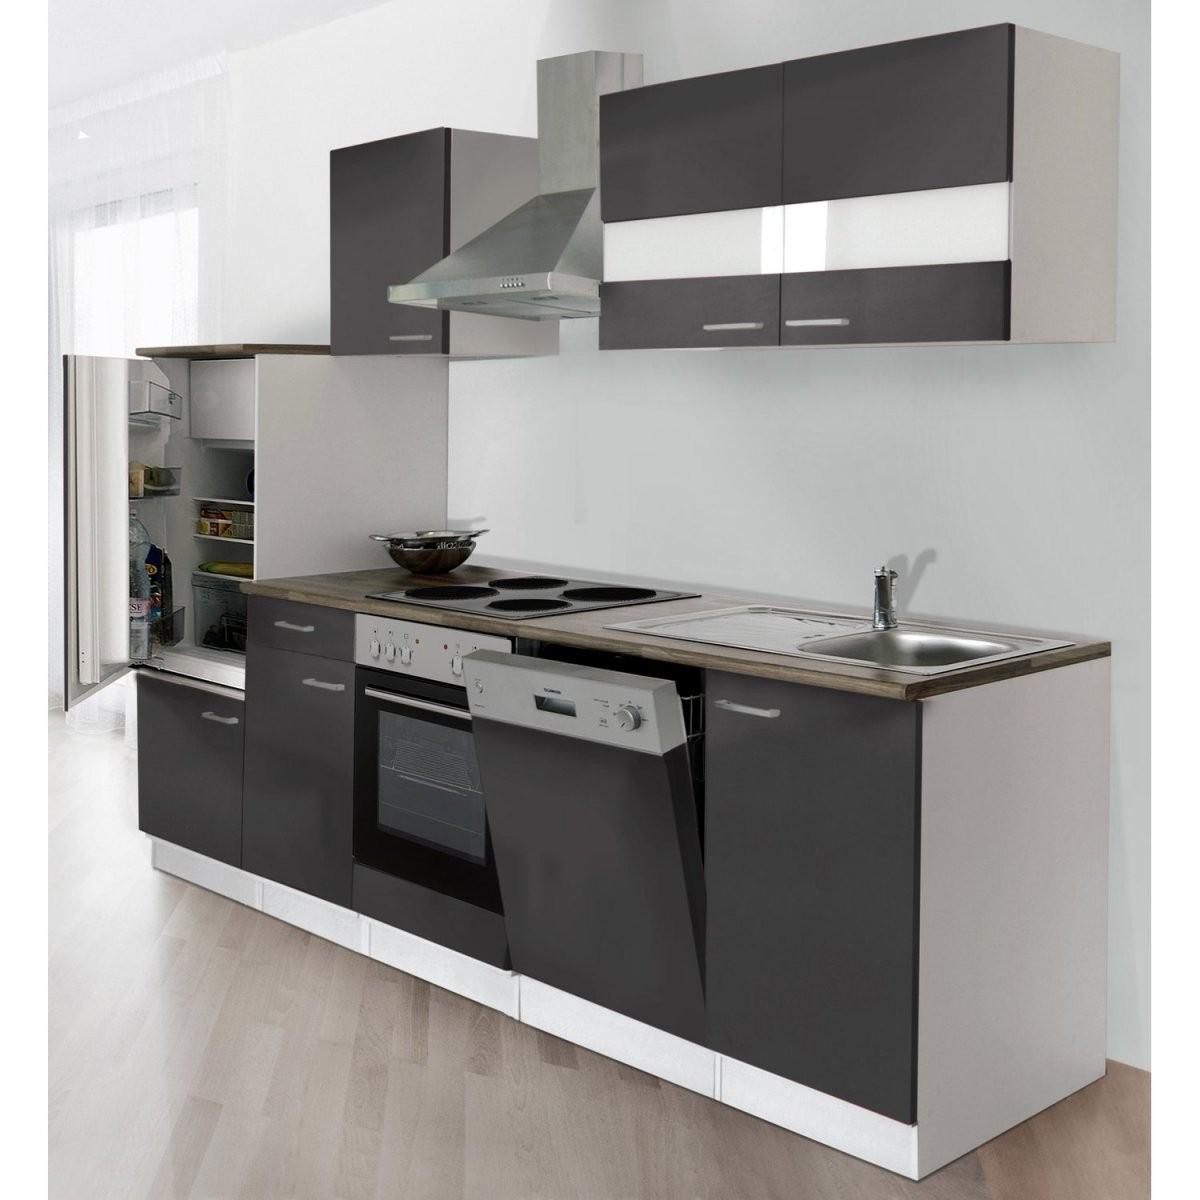 Respekta Küchenzeile Ohne Egeräte Lbkb280Wg 280 Cm Grauweiß Kaufen von Küchenzeile 220 Cm Ohne Geräte Photo